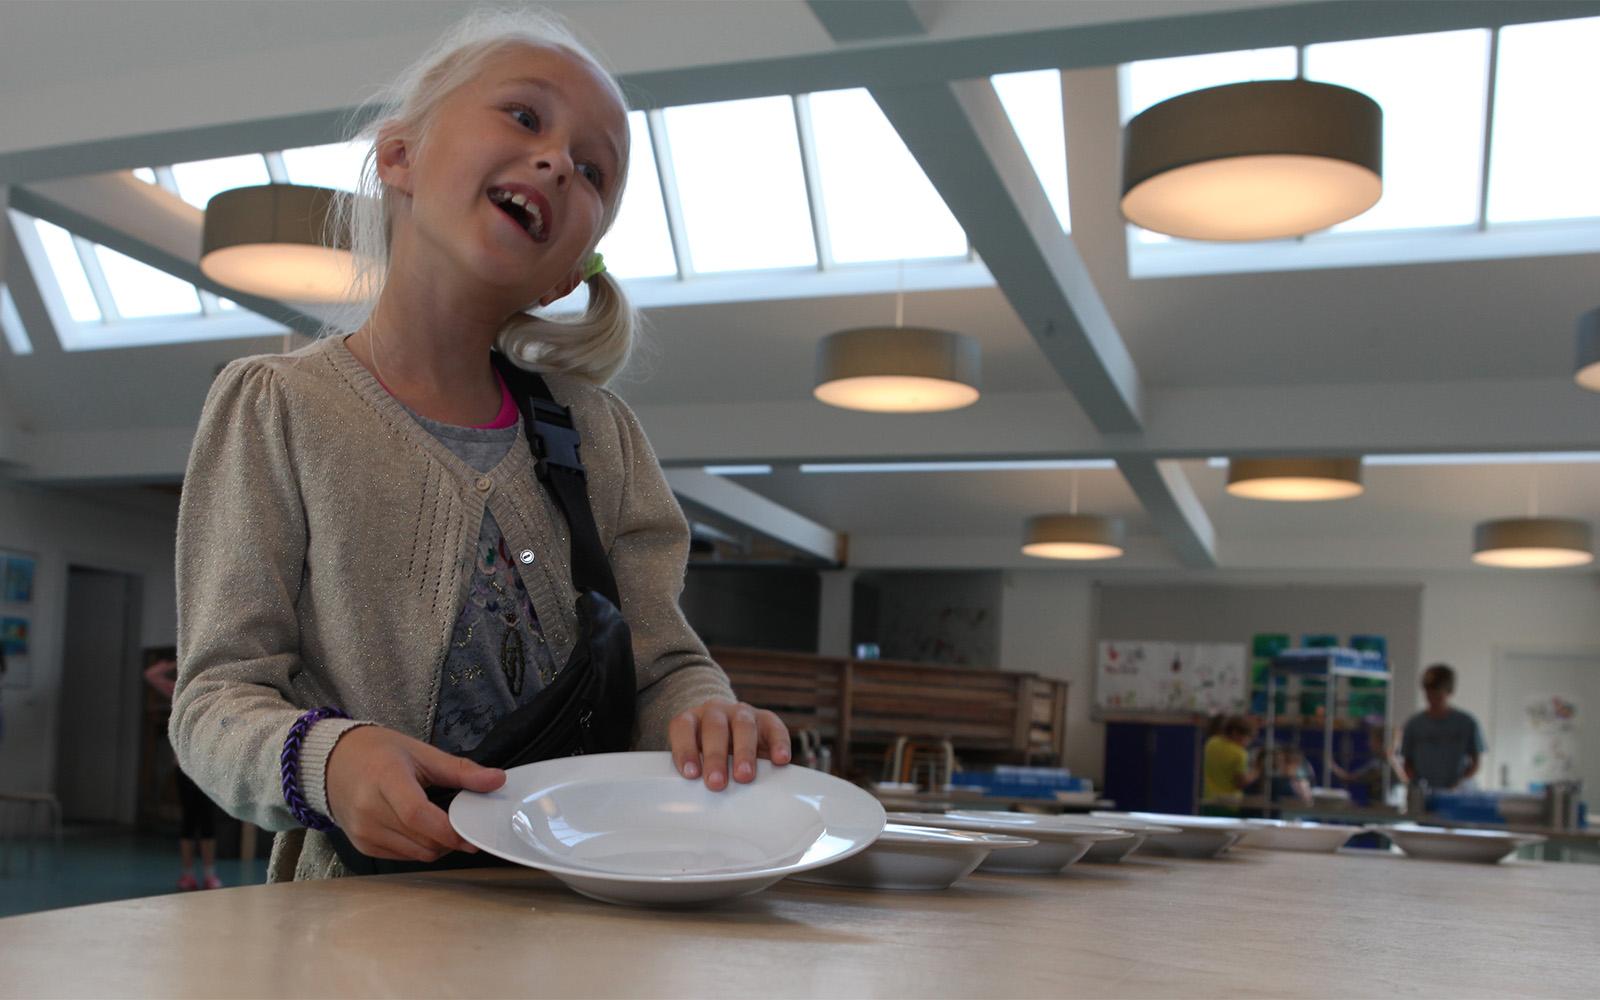 Ung student i cafeteria upplyst med naturligt ljus och konstgjord belysning